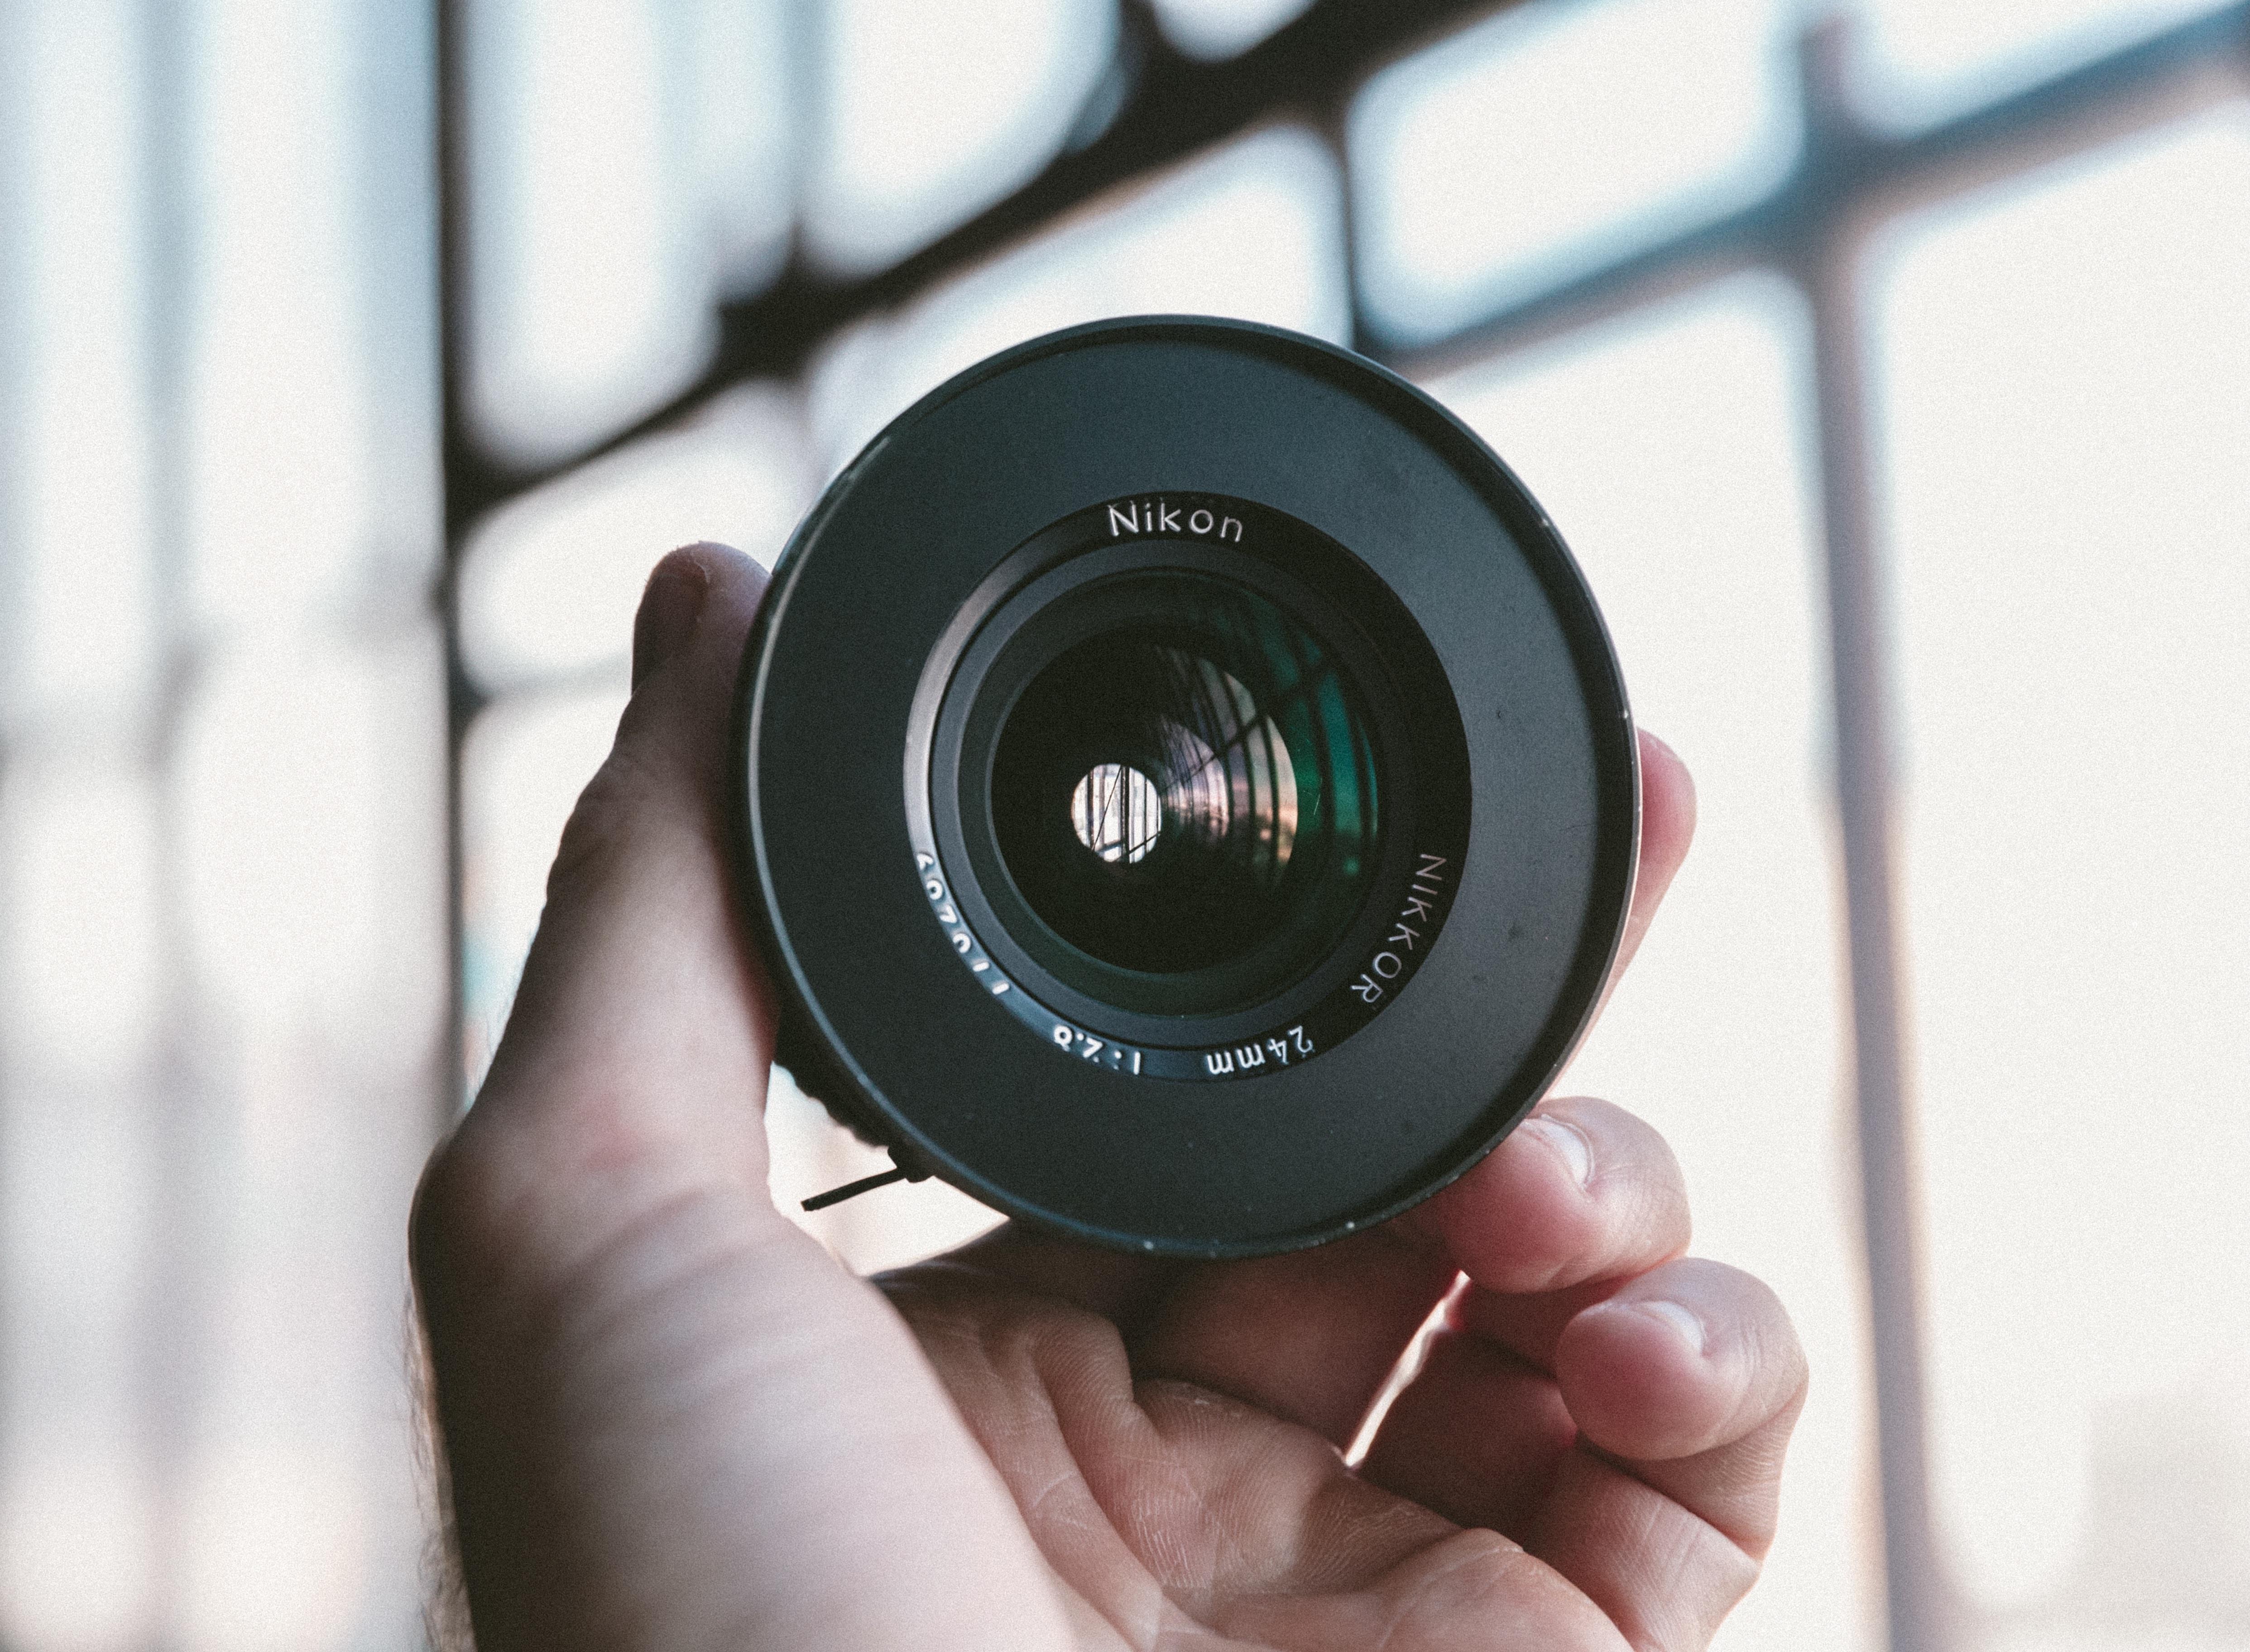 три надежных фокус фотоаппарата картинка любом случае, далеко